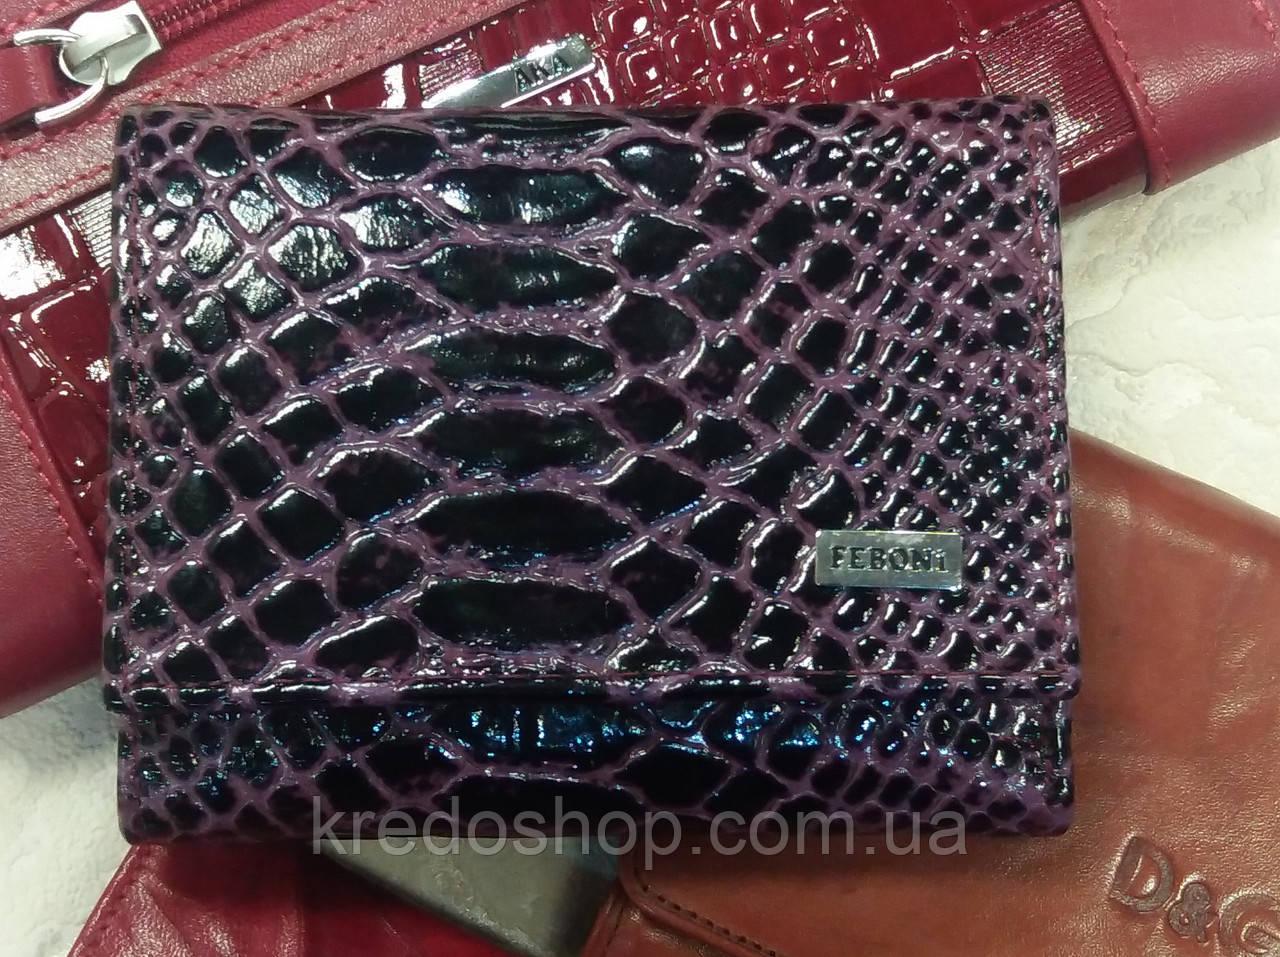 f456ccff1011 Кошелек кожаный женский компактный красивый фирмы FEBONI(Турция ...